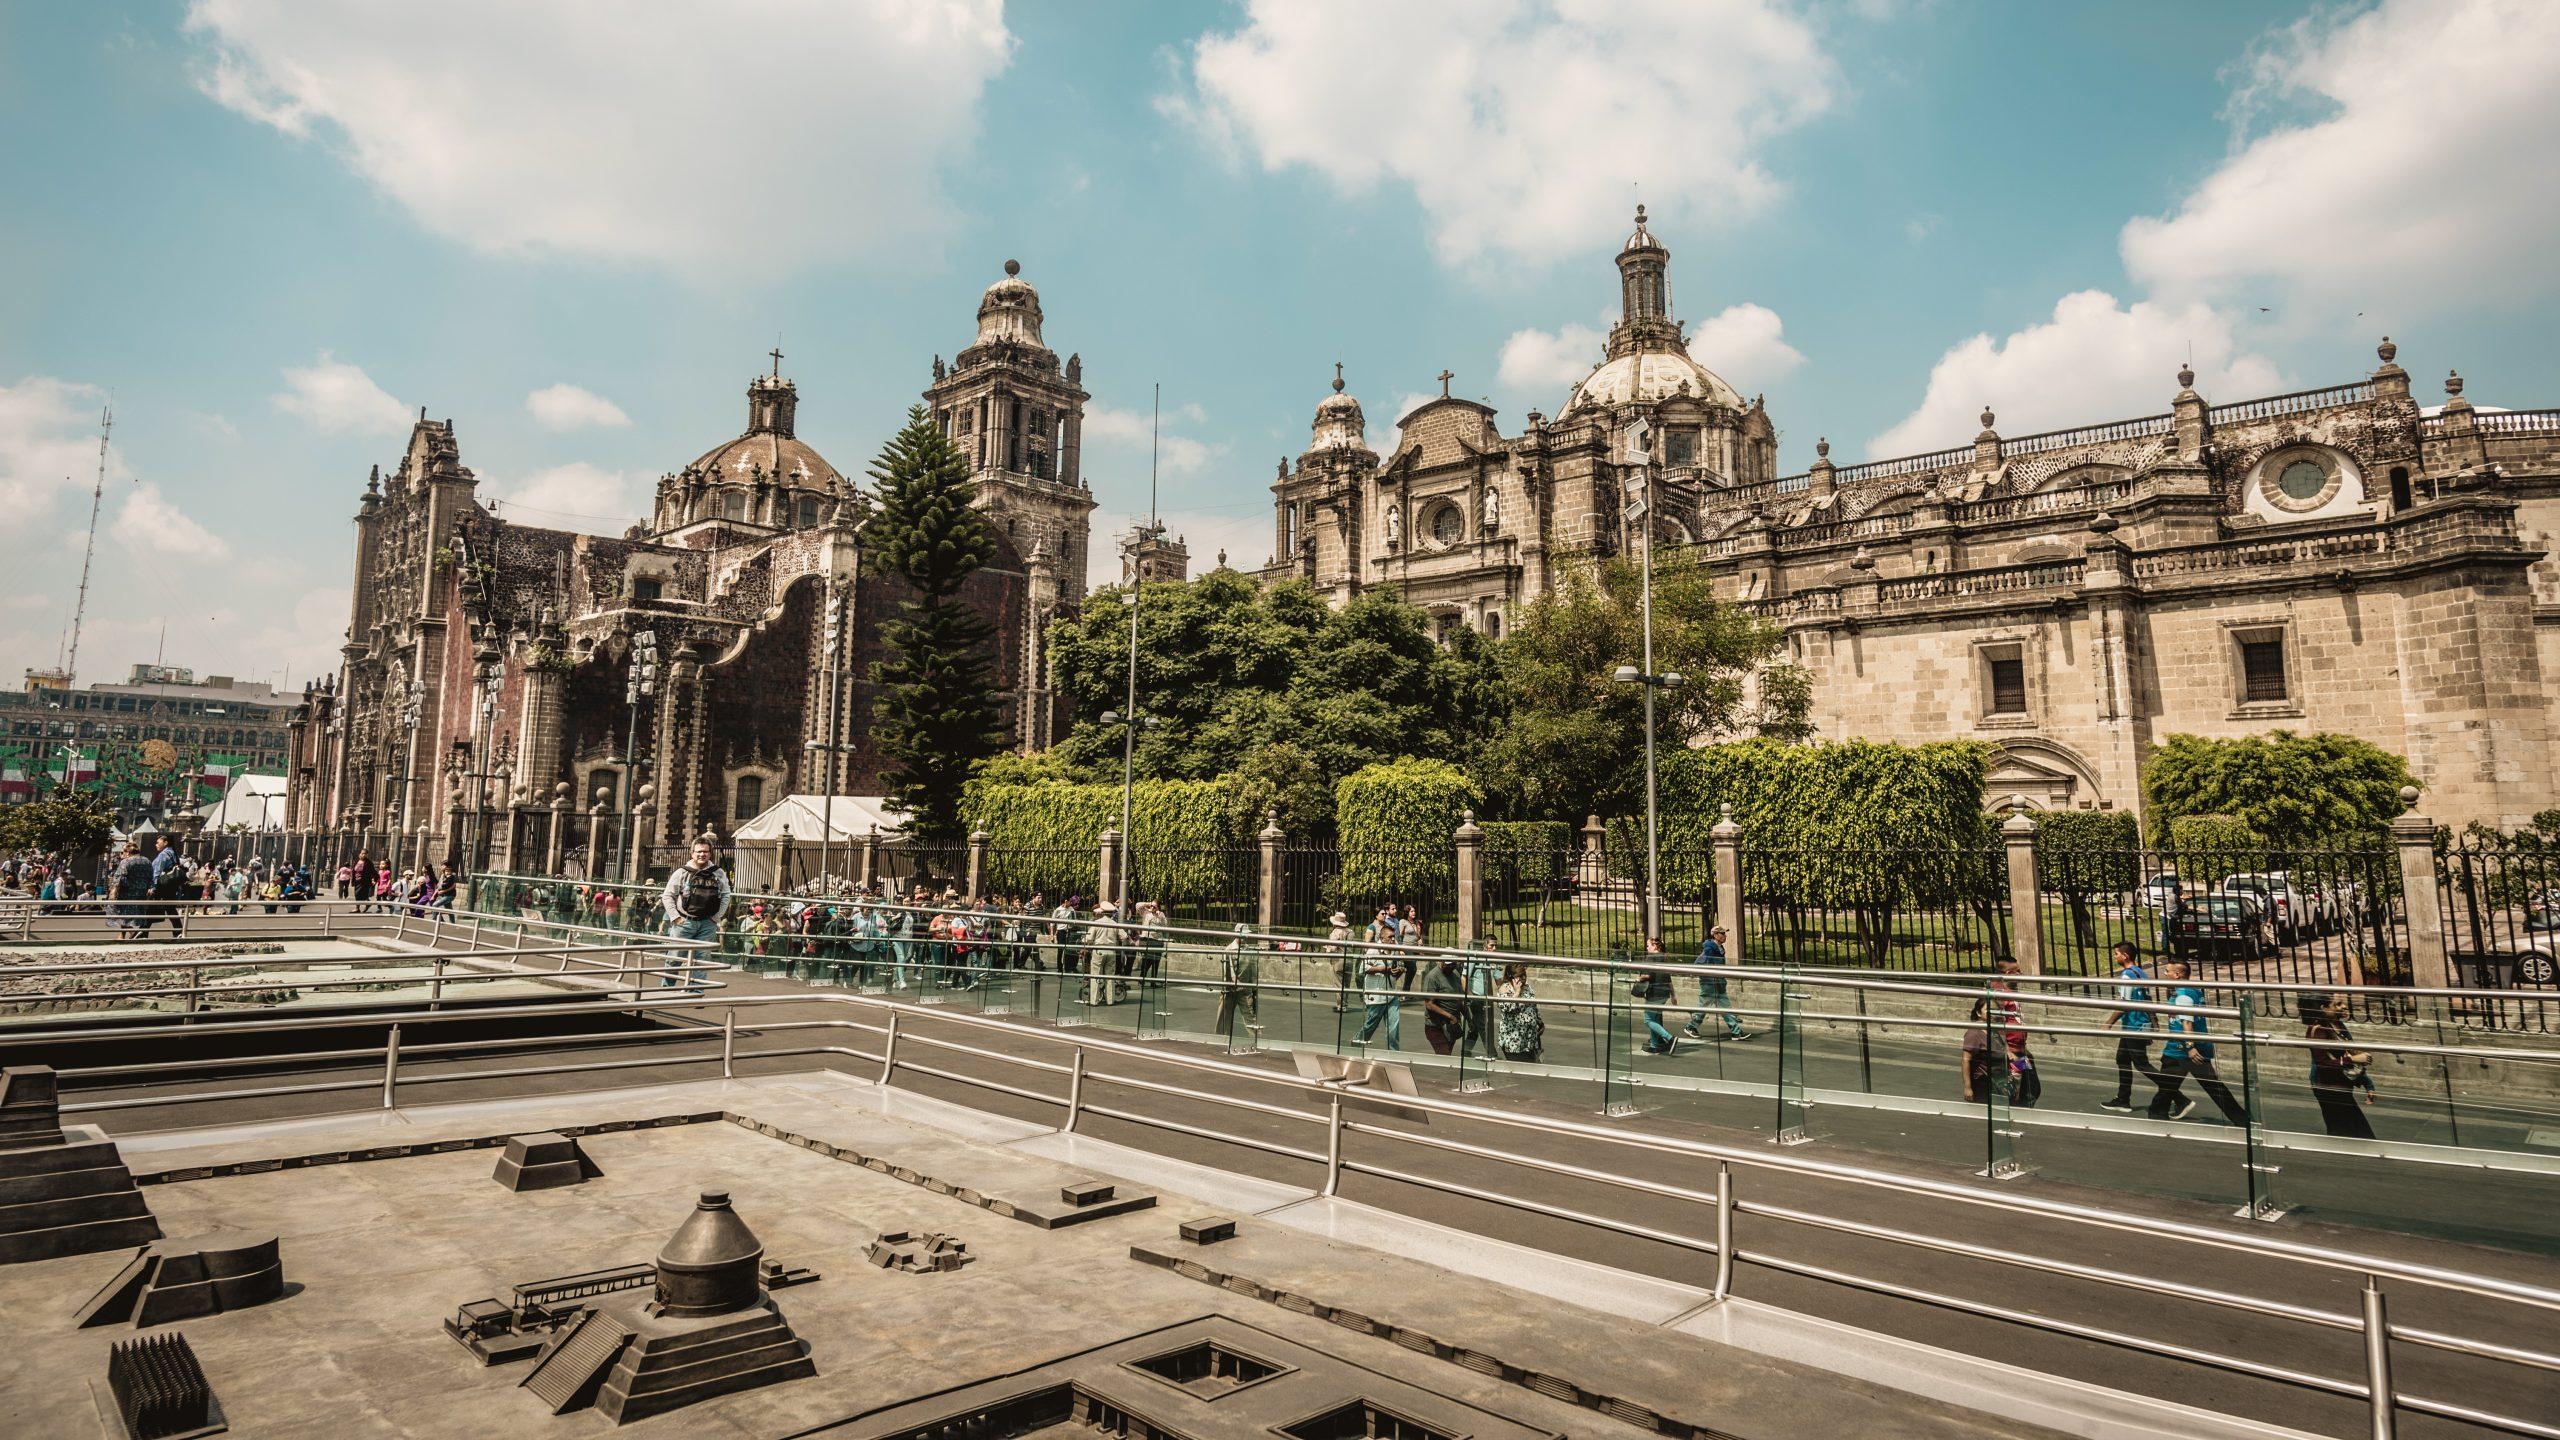 zocalo meydanı scaled - Meksiko'yu 10 Mekanla Tanımak